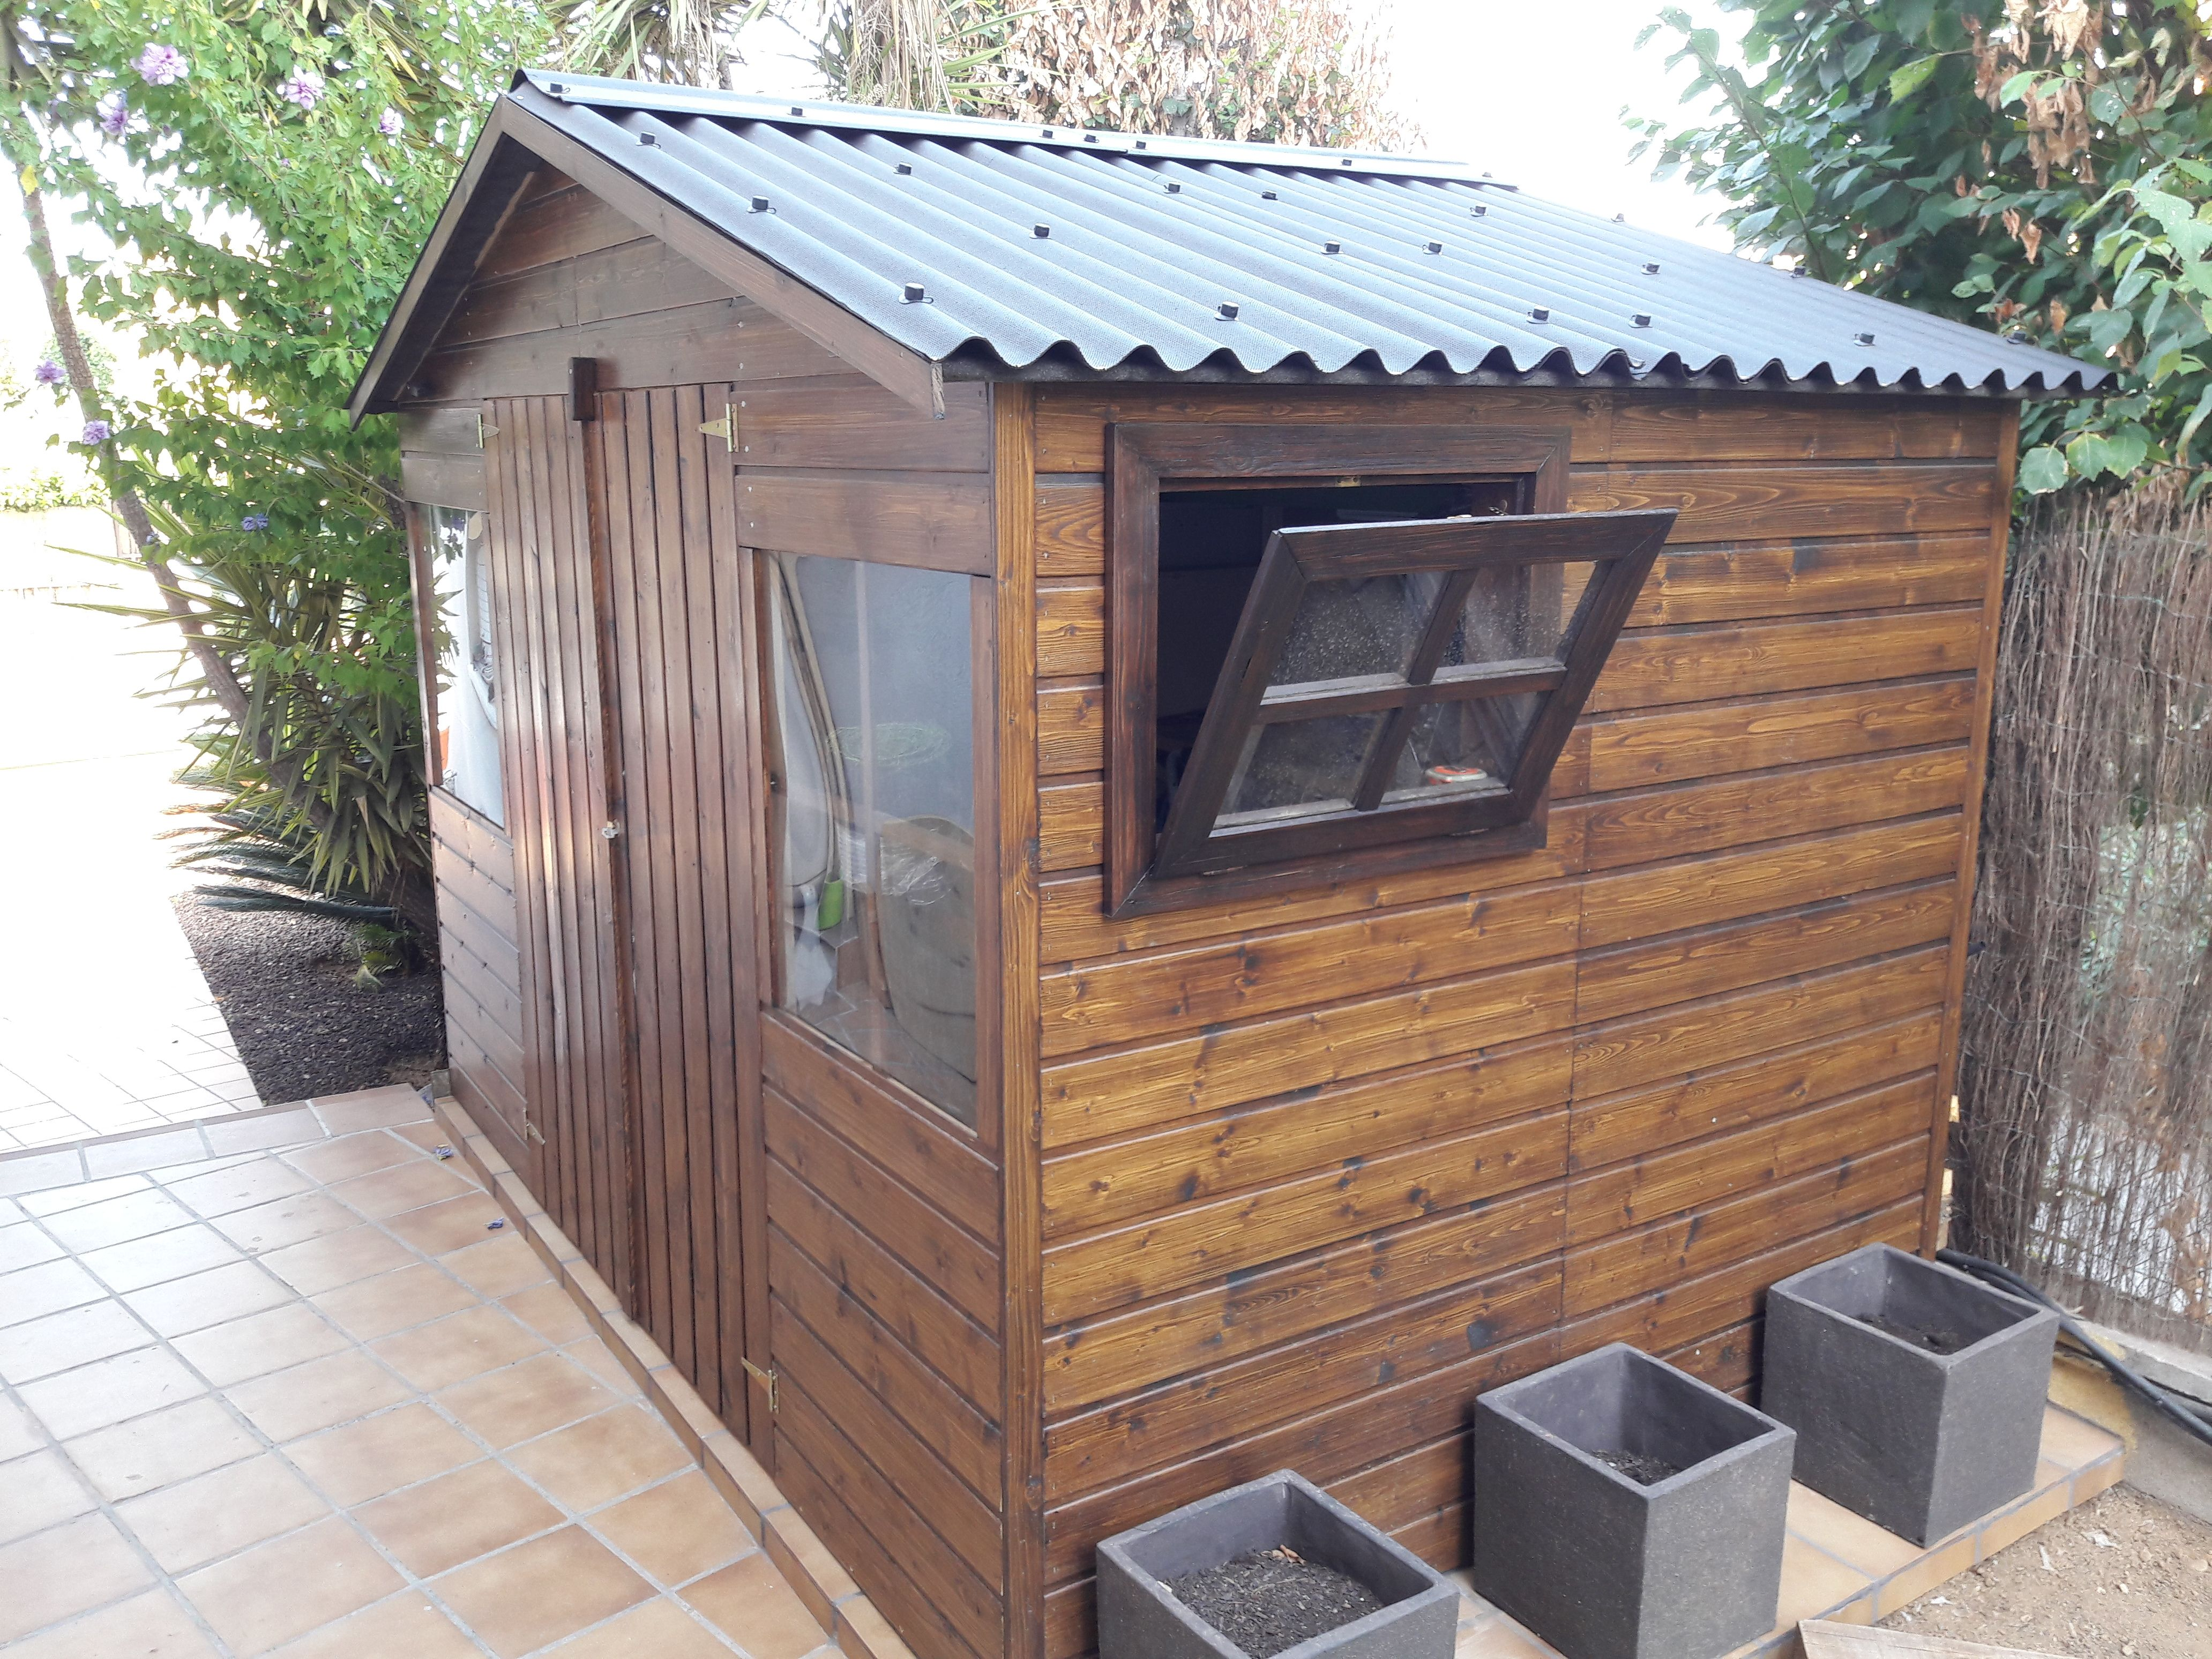 Caseta de madera fresno personalizada con techo asf ltico for Casetas de obra baratas